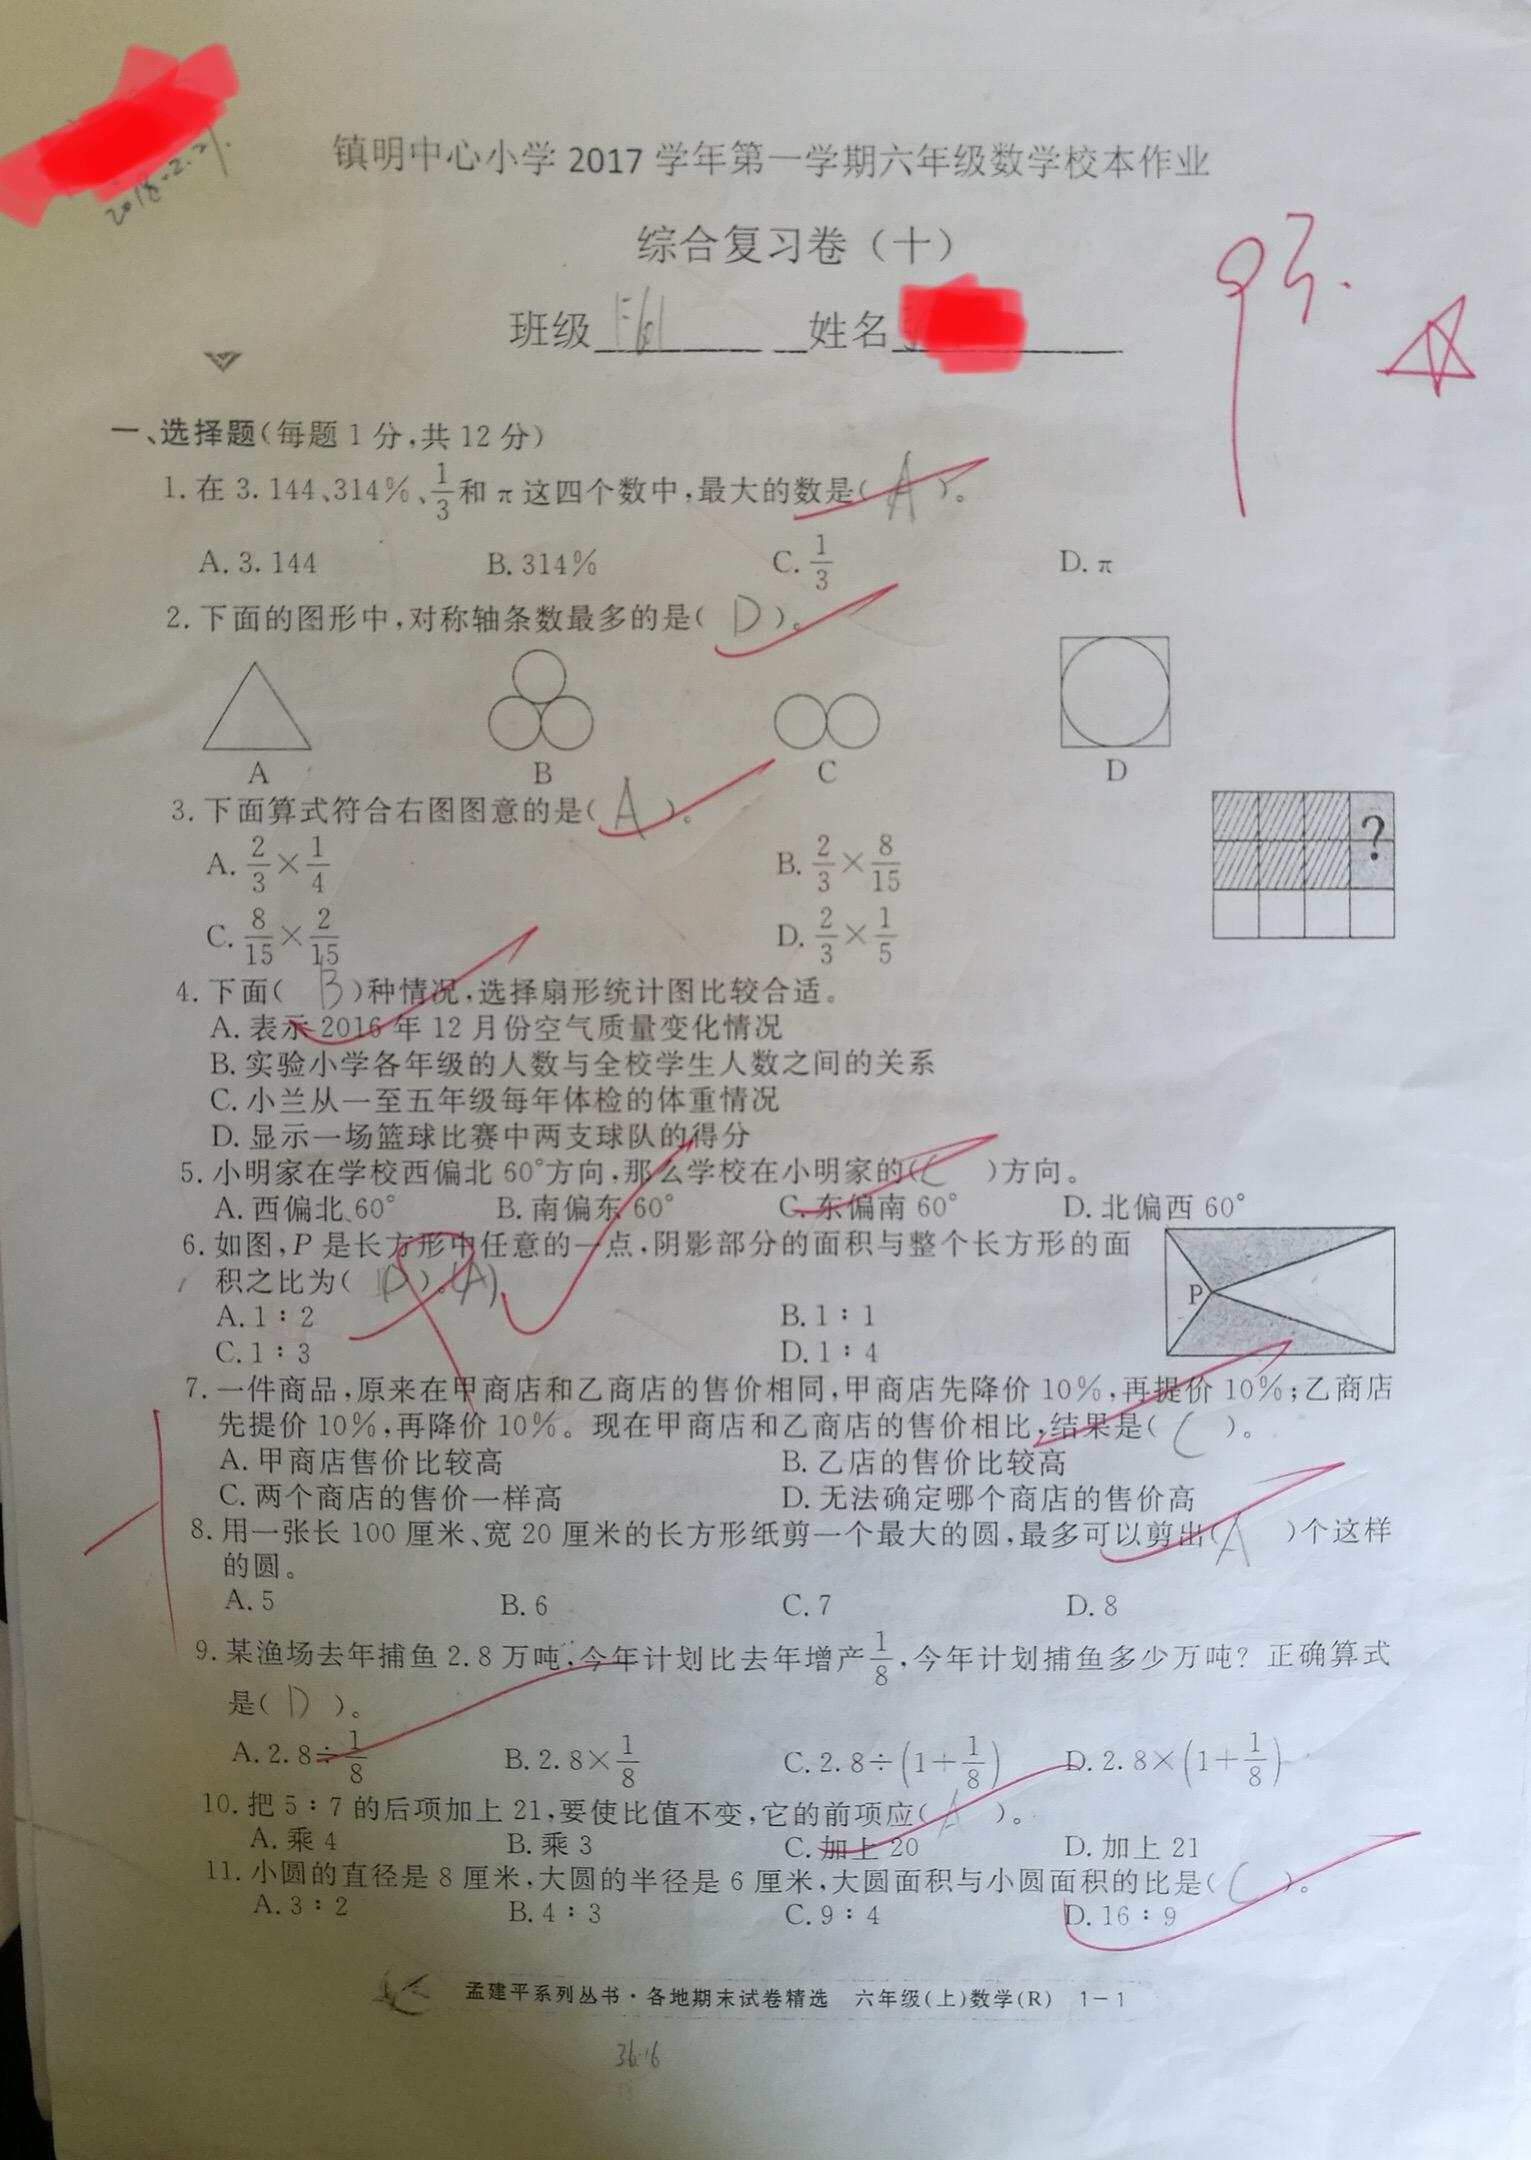 梁老师师相册27